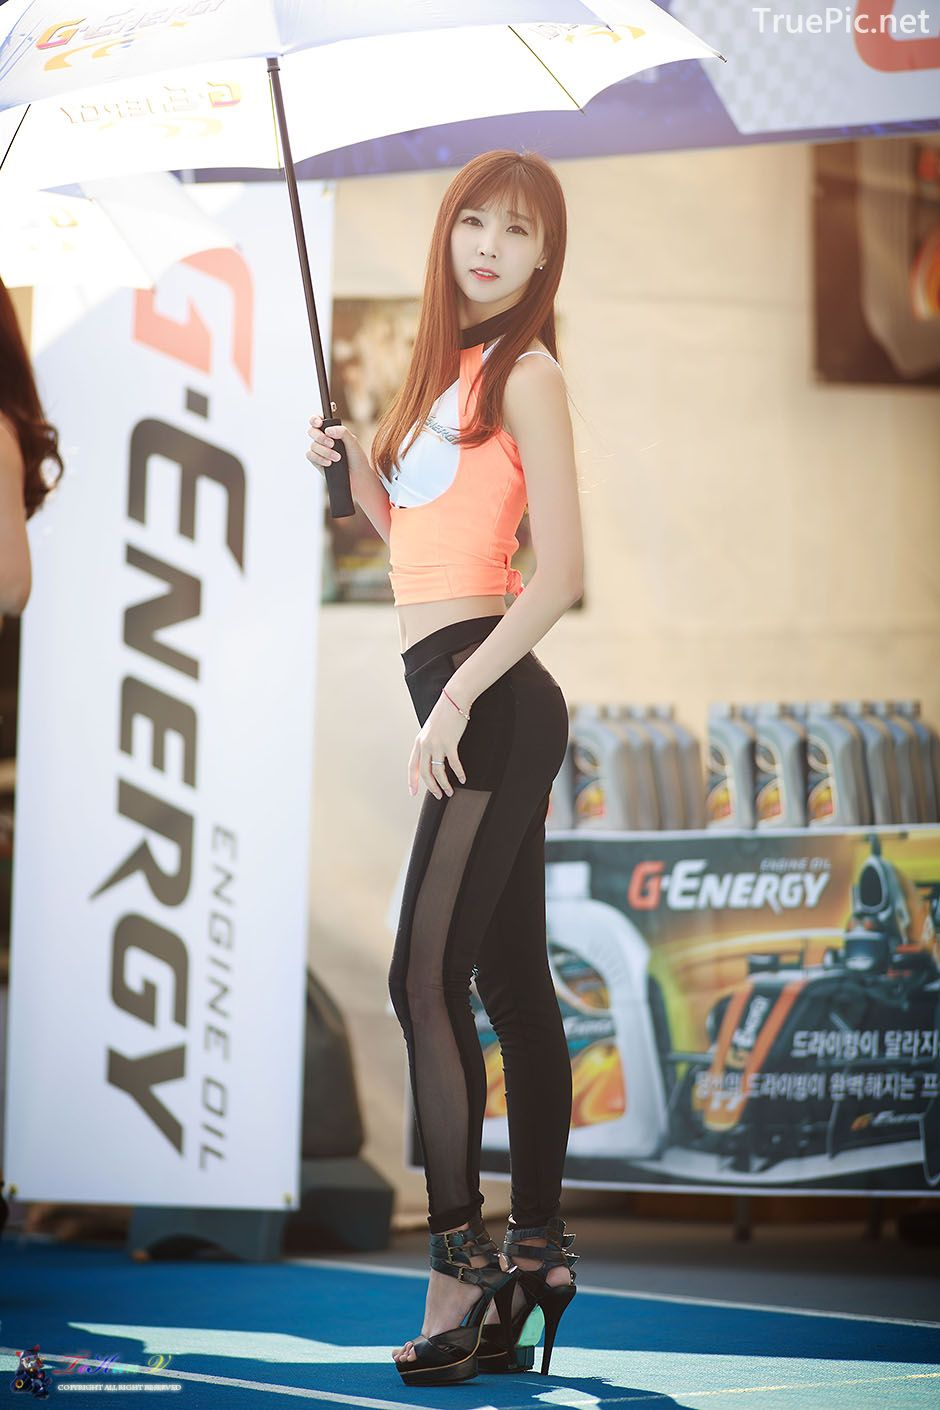 Image-Korean-Racing-Model-Lee-Yoo-Eun-Incheon-KoreaTuning-Festival-Show-TruePic.net- Picture-9